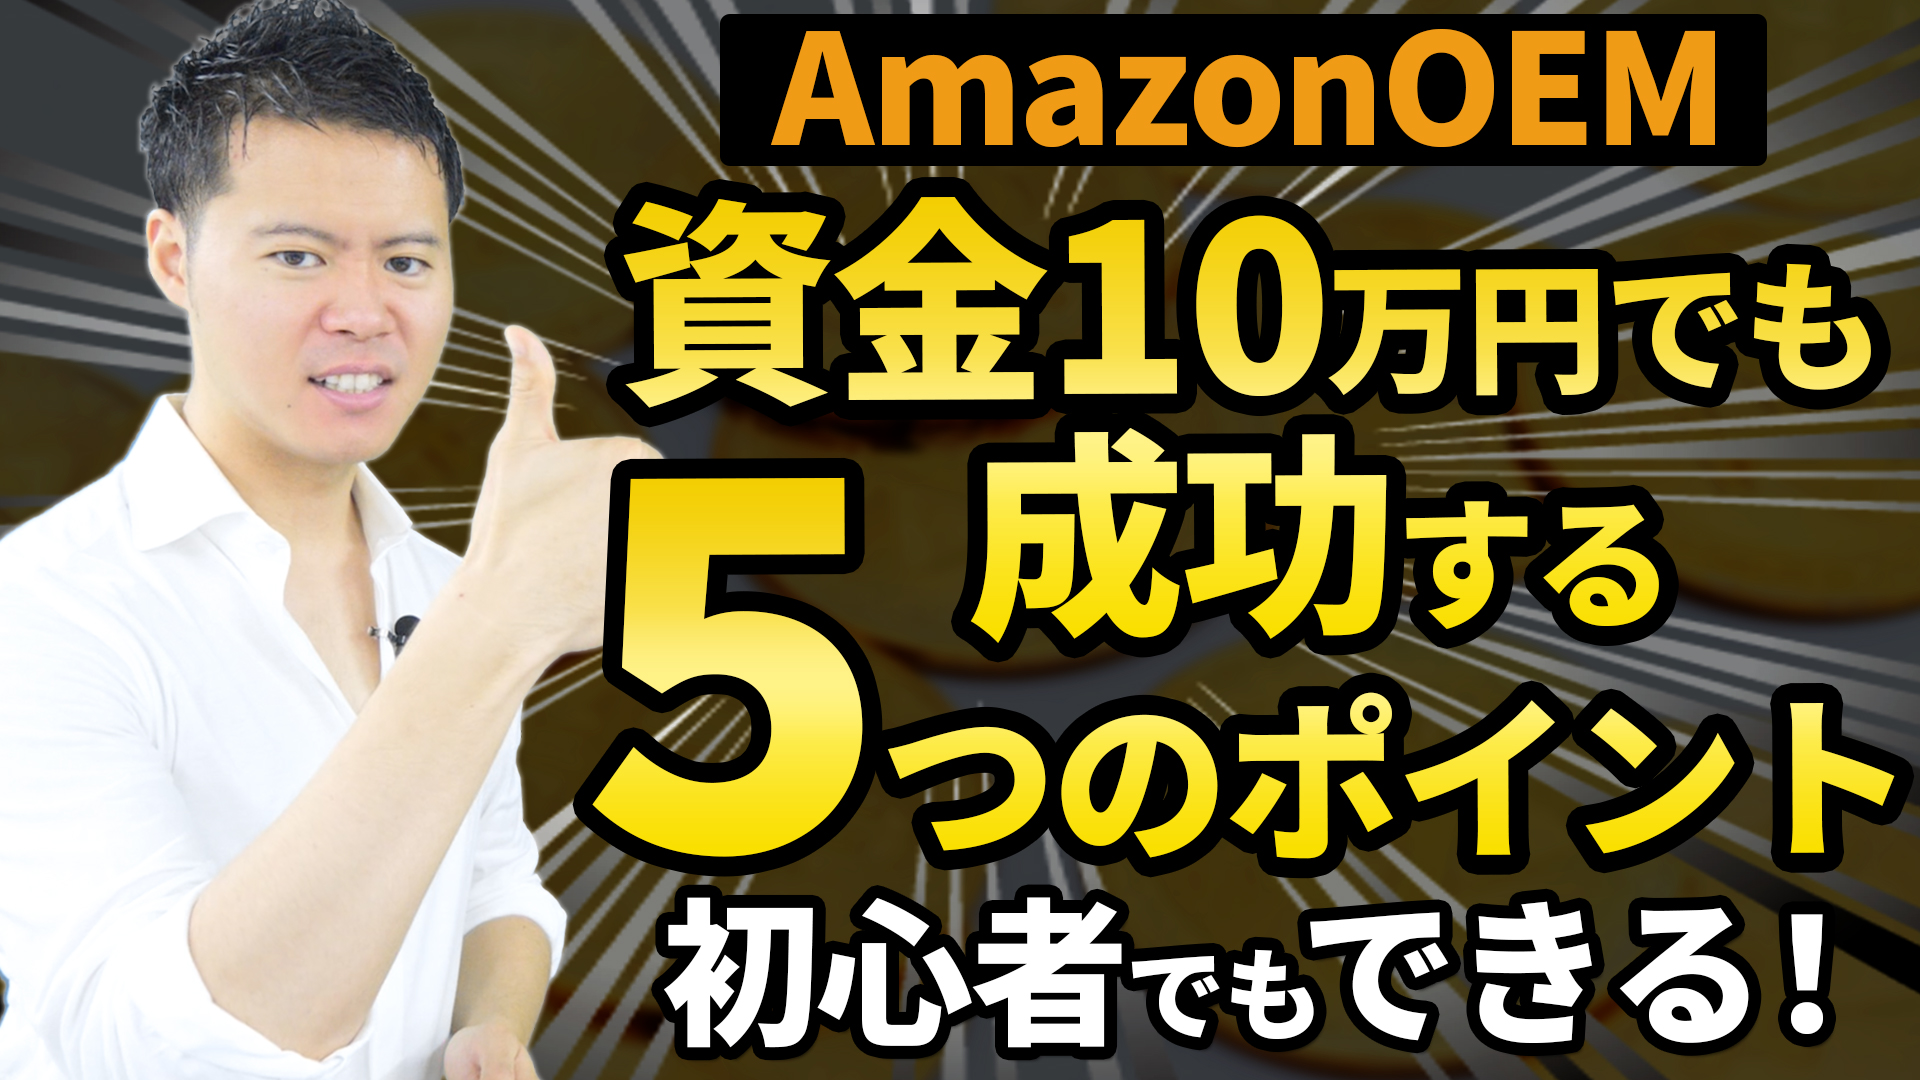 AmazonOEM資金10万円の初心者でも確実に成功する5つのポイント